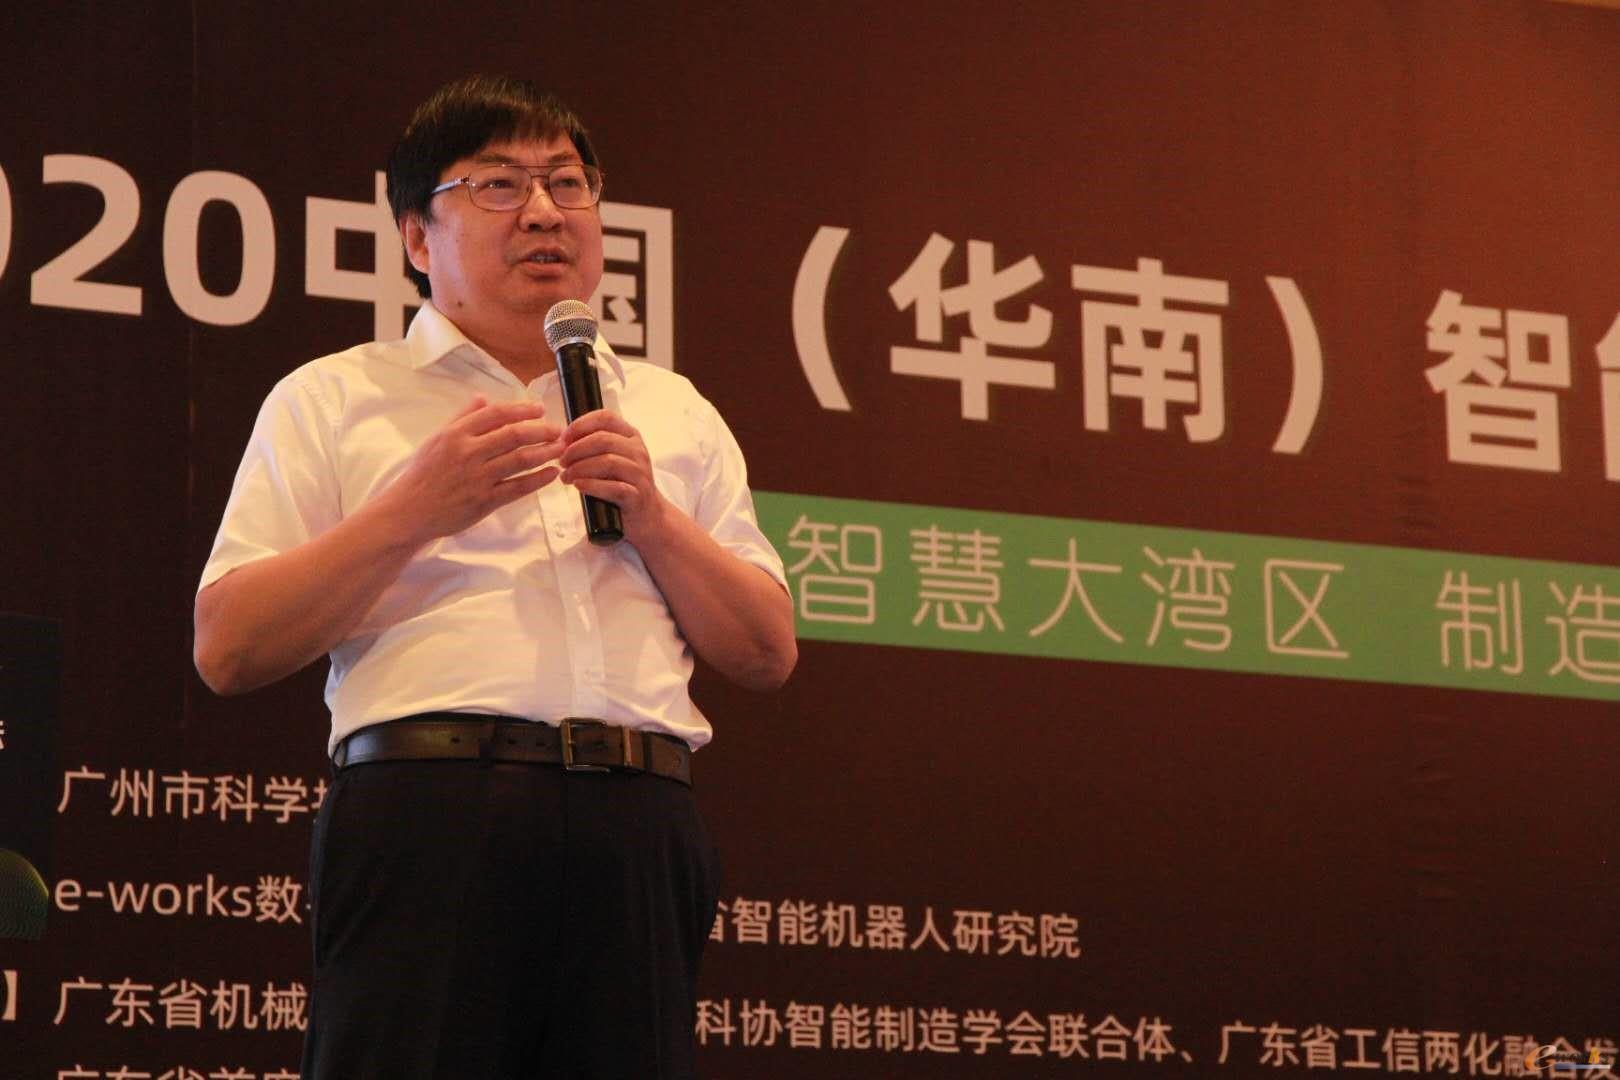 广汽集团数字化转型技术负责人、广汽研究院首席技术总监唐湘民